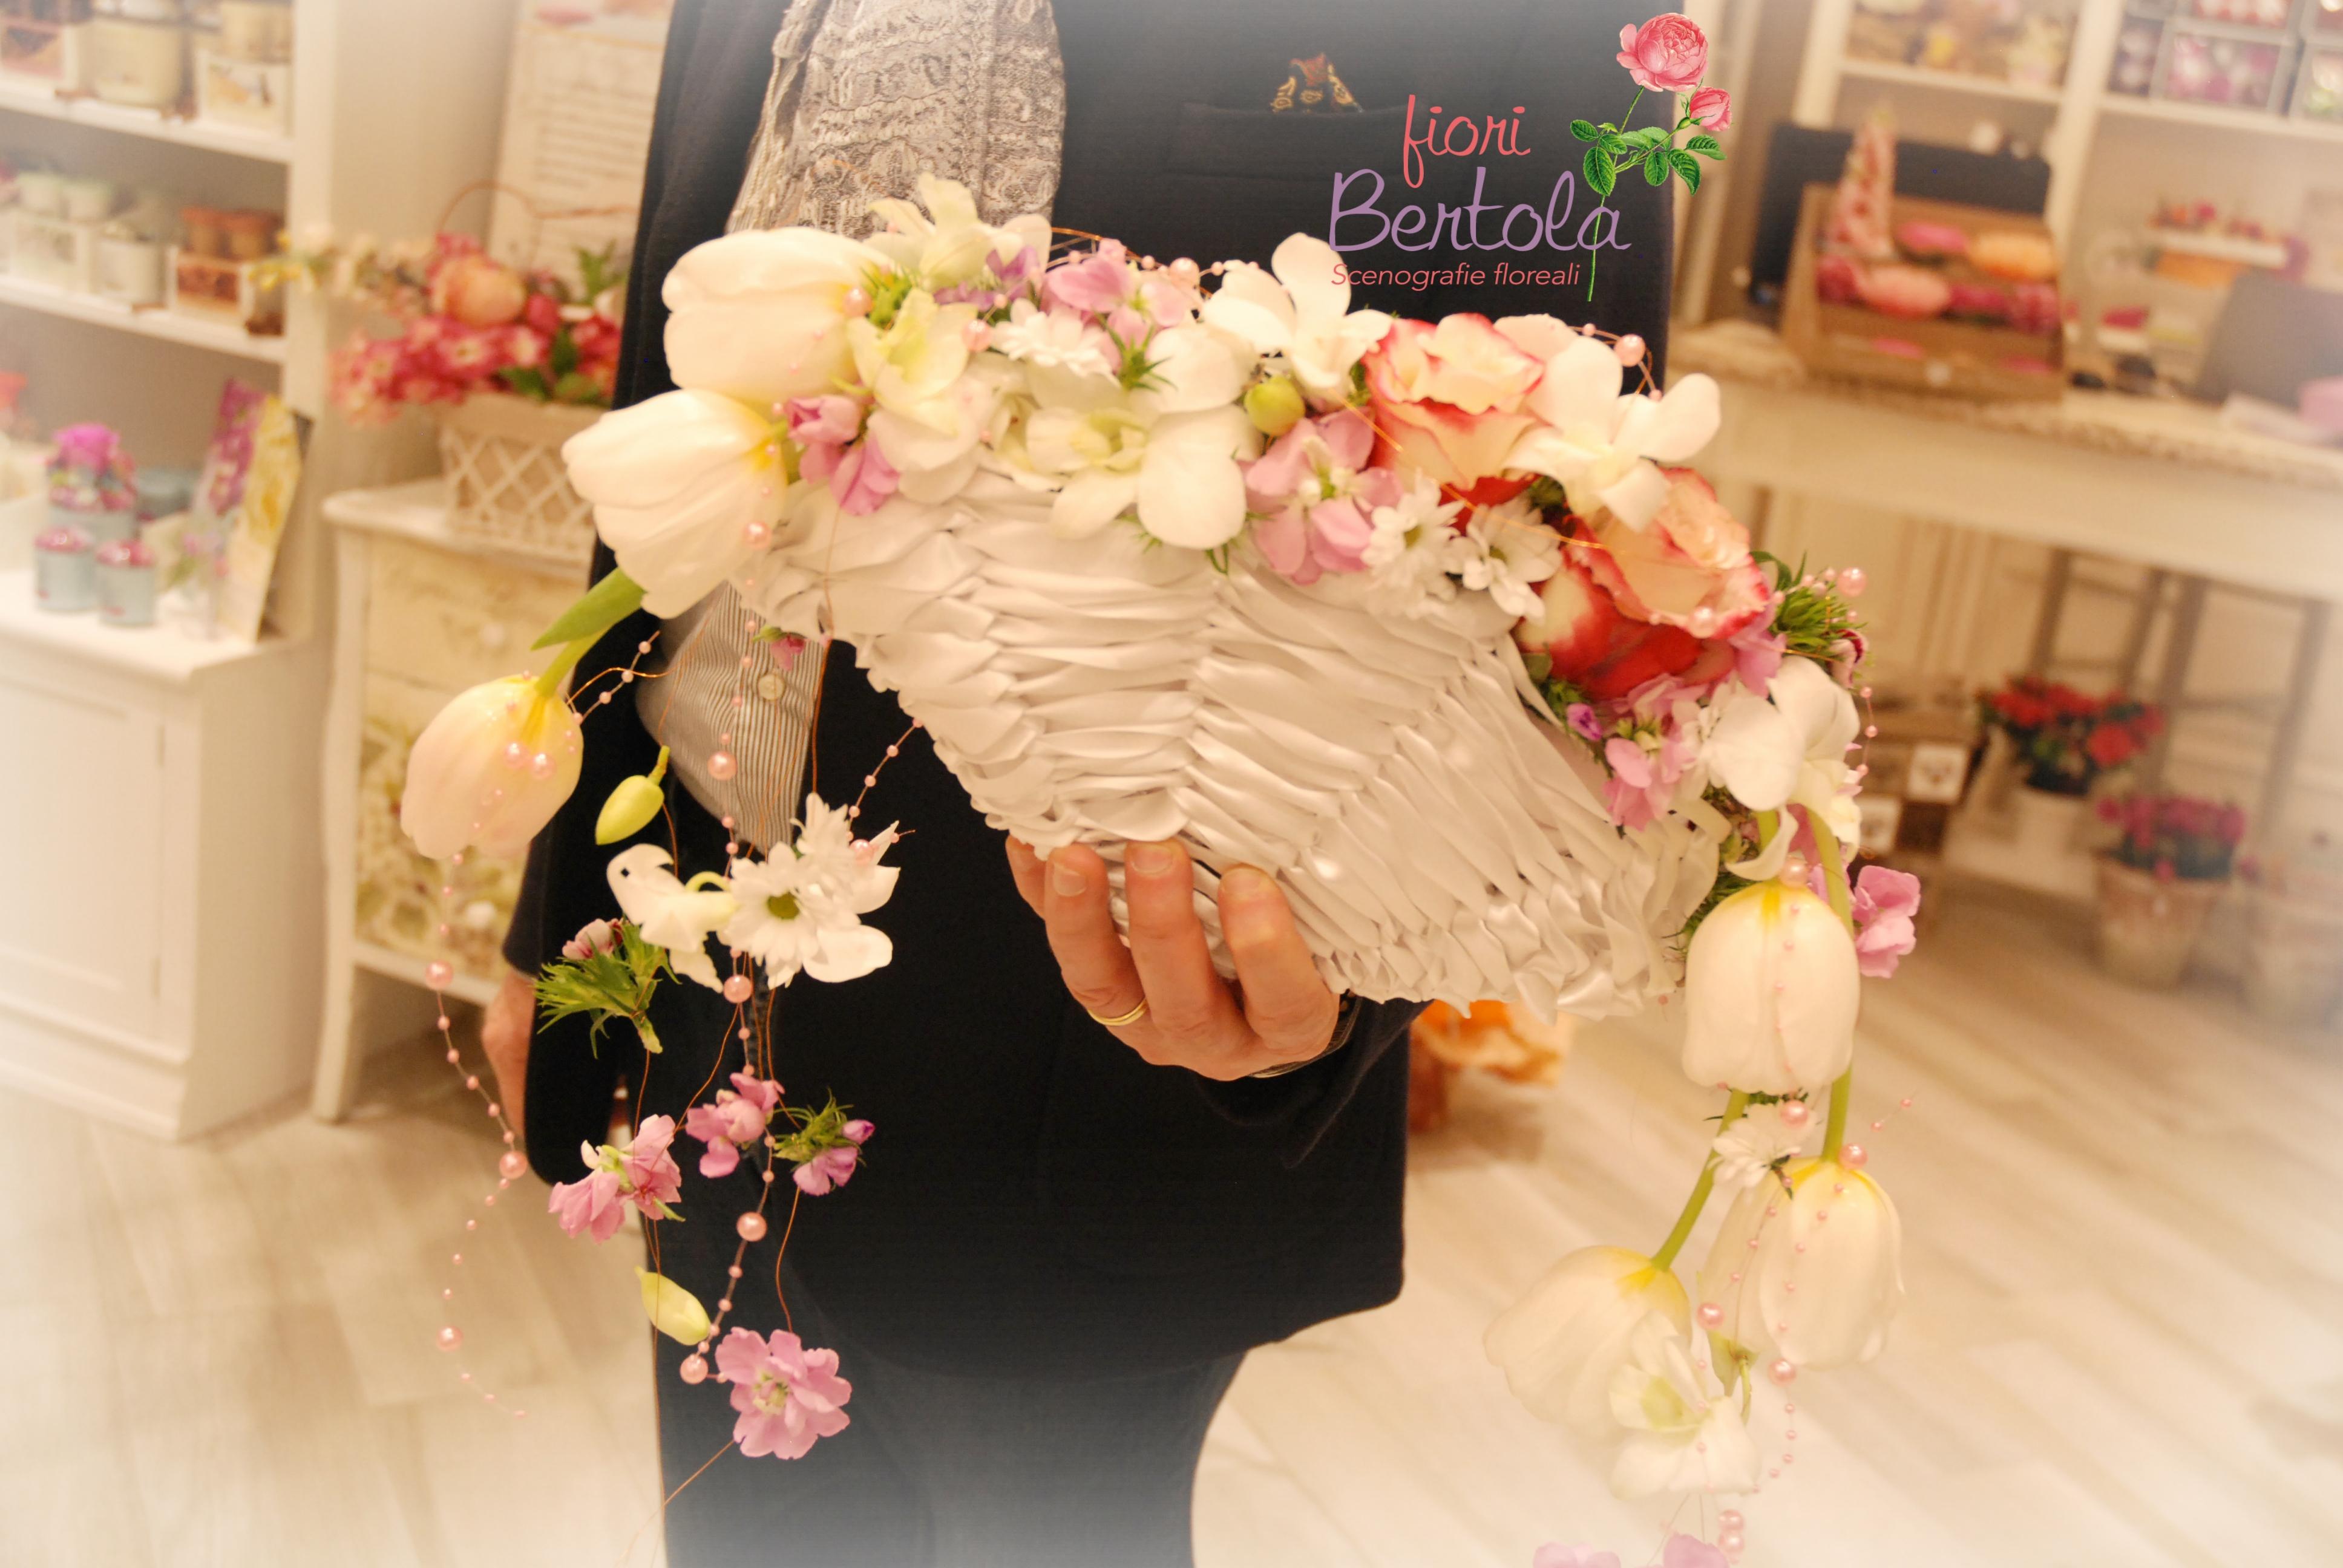 Bouquet Sposa Ventaglio.Bouquet Da Sposa